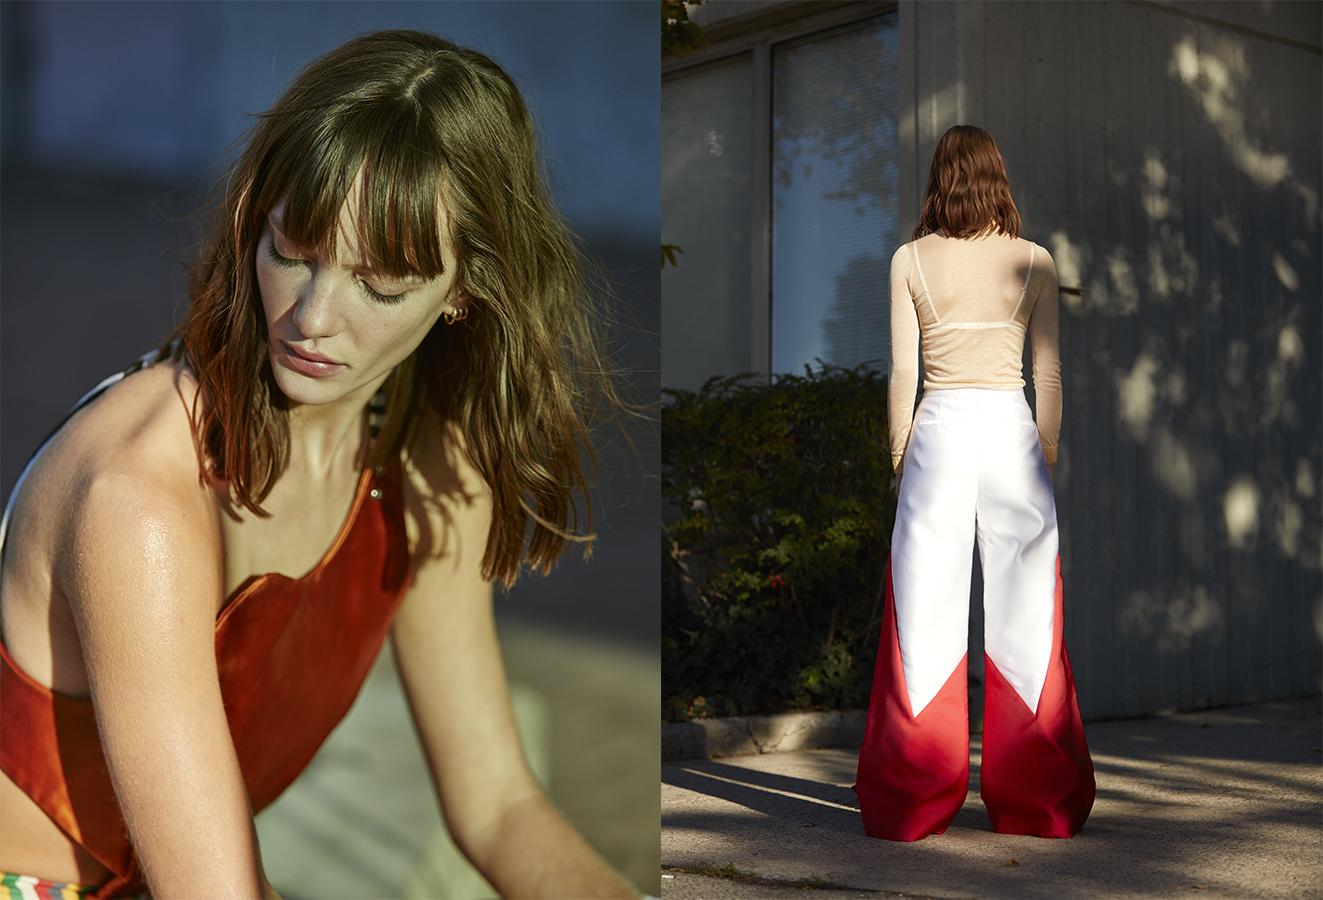 dress   ECKHAUS LATTA  . top   LOEWE   pants   PRISCAVERA  underwear  STYLIST'S OWN